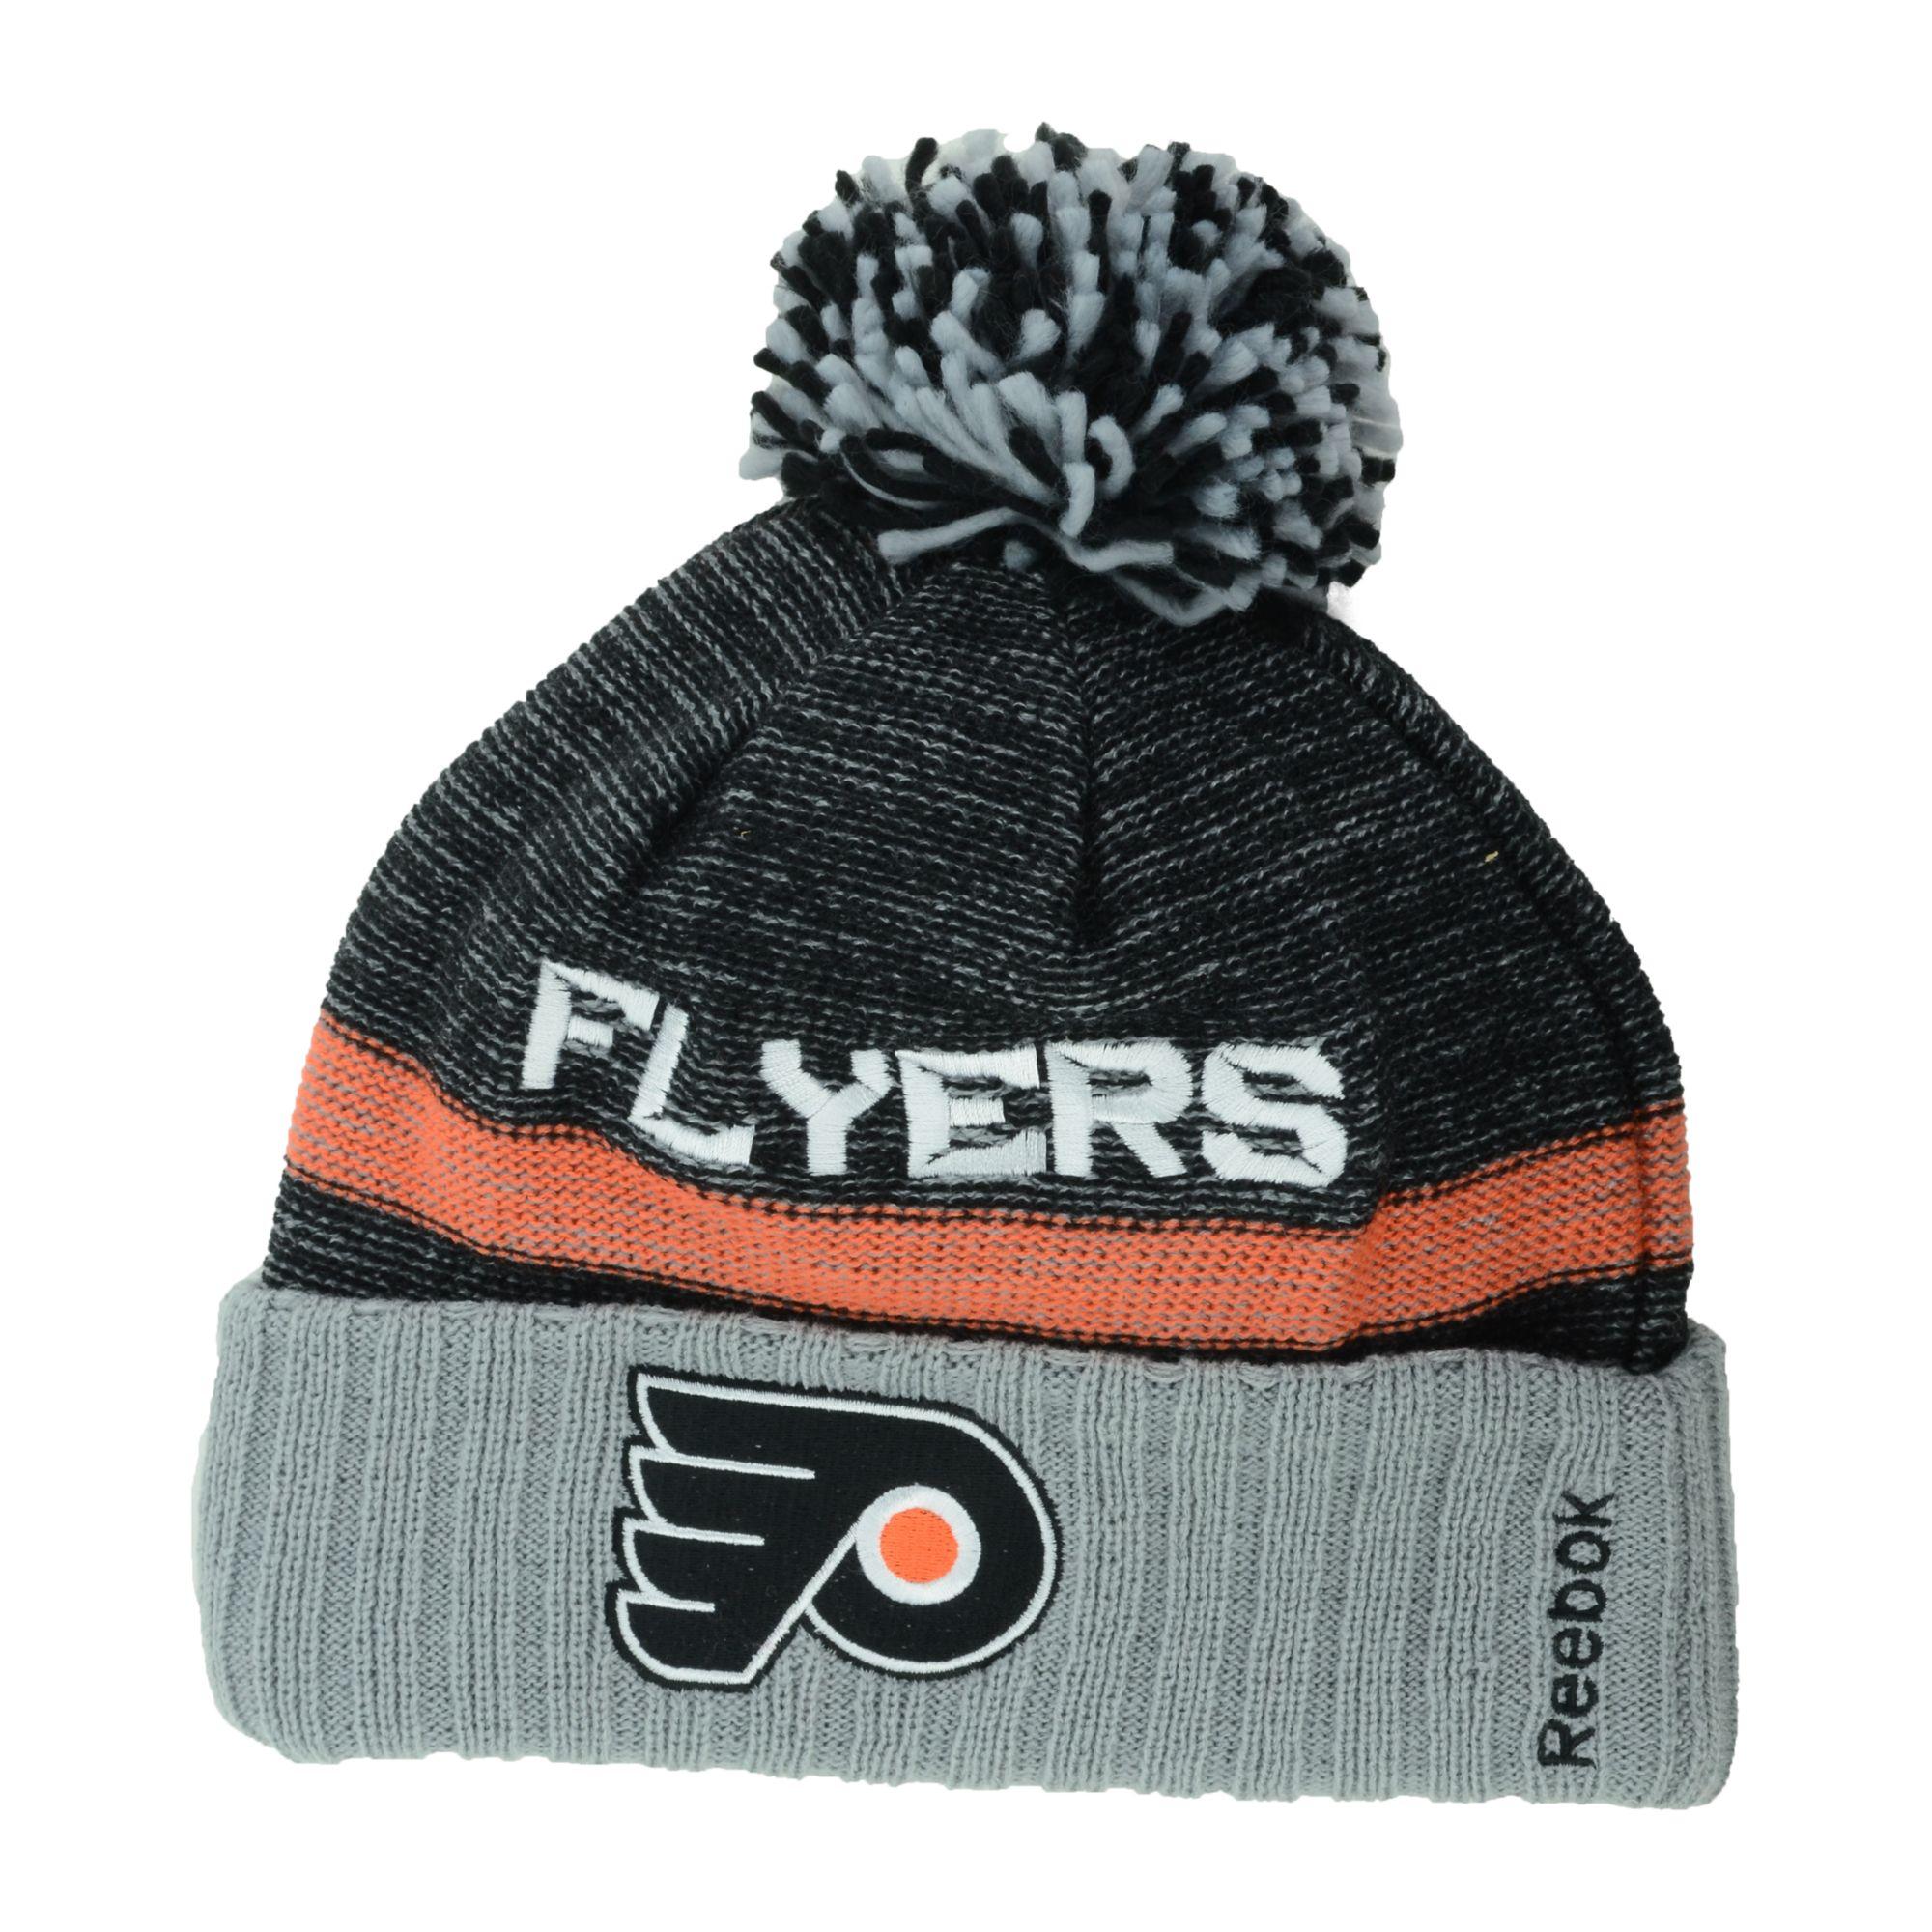 5cce7fa15 Reebok Philadelphia Flyers Pom Knit Hat in Black for Men - Lyst